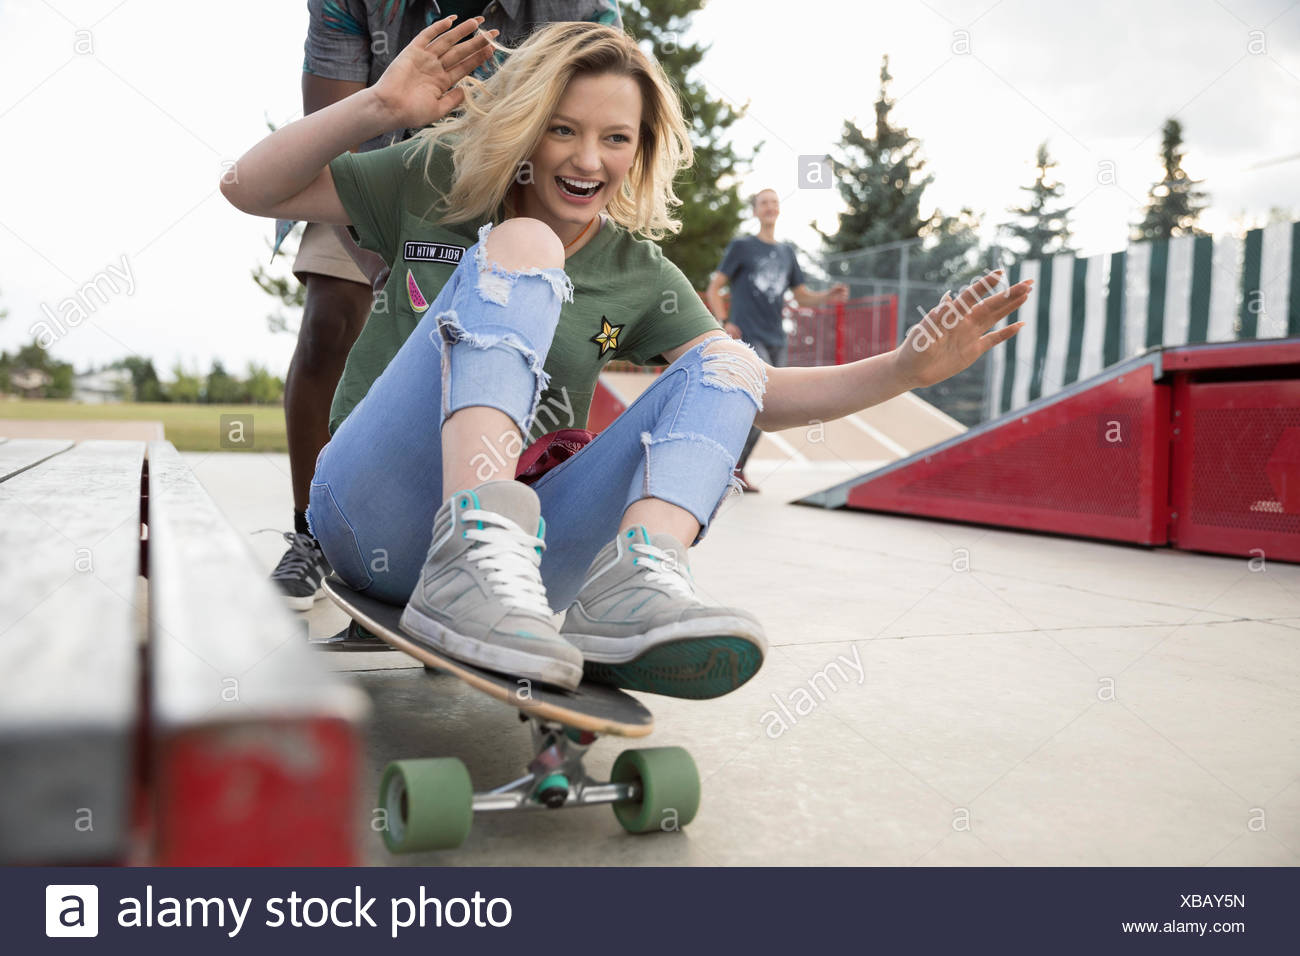 Giocoso ragazza adolescente a cavallo su skateboard a skate park Immagini Stock